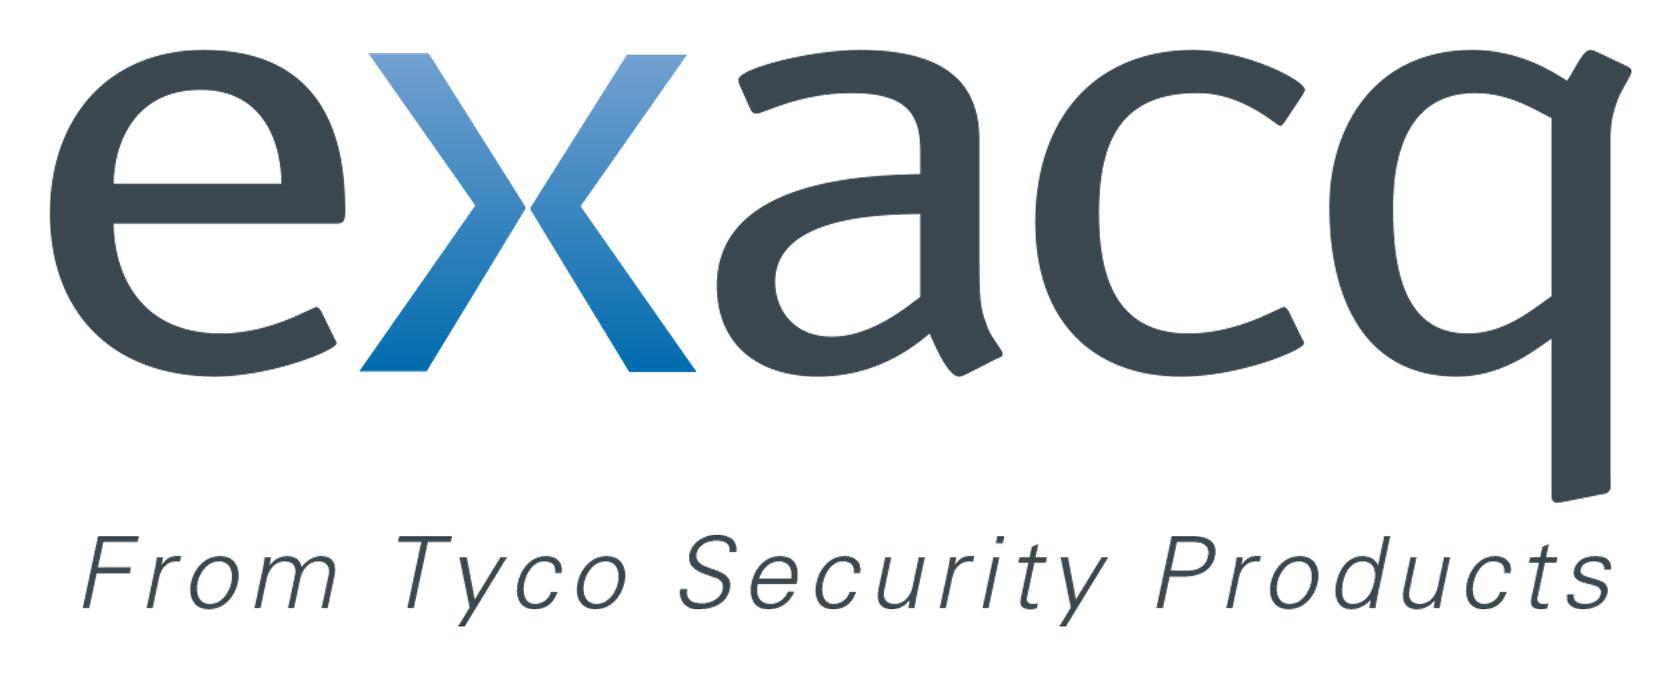 exacq-logo.jpg